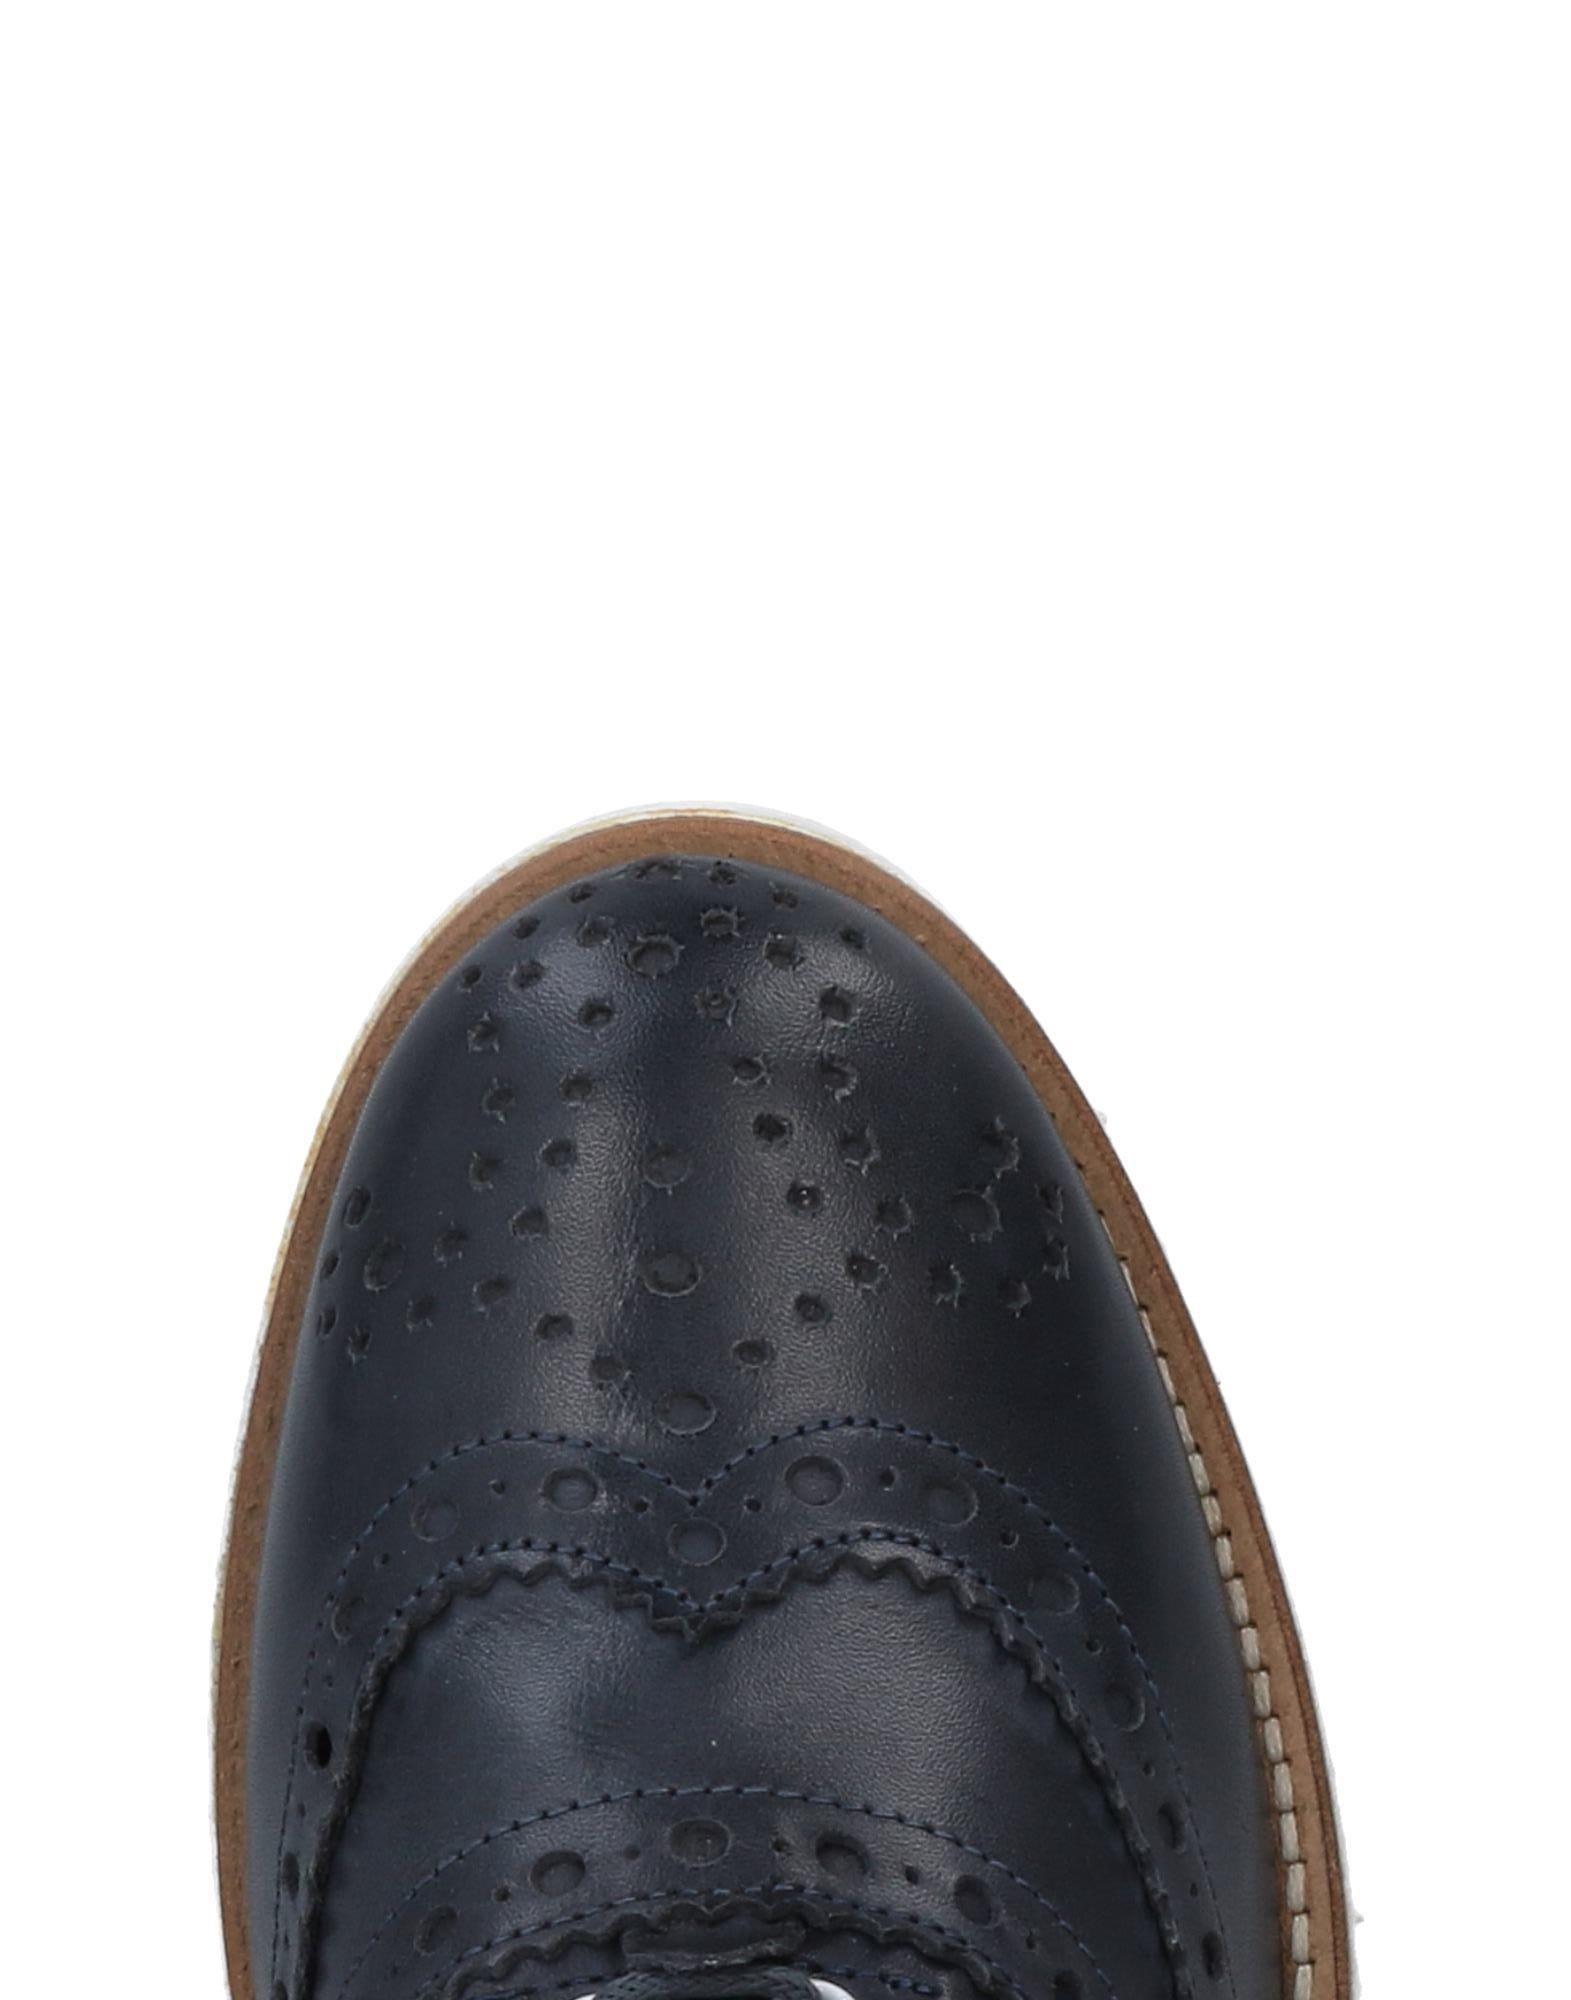 G Basic Neue Schnürschuhe Damen  11461822FD Neue Basic Schuhe 893015